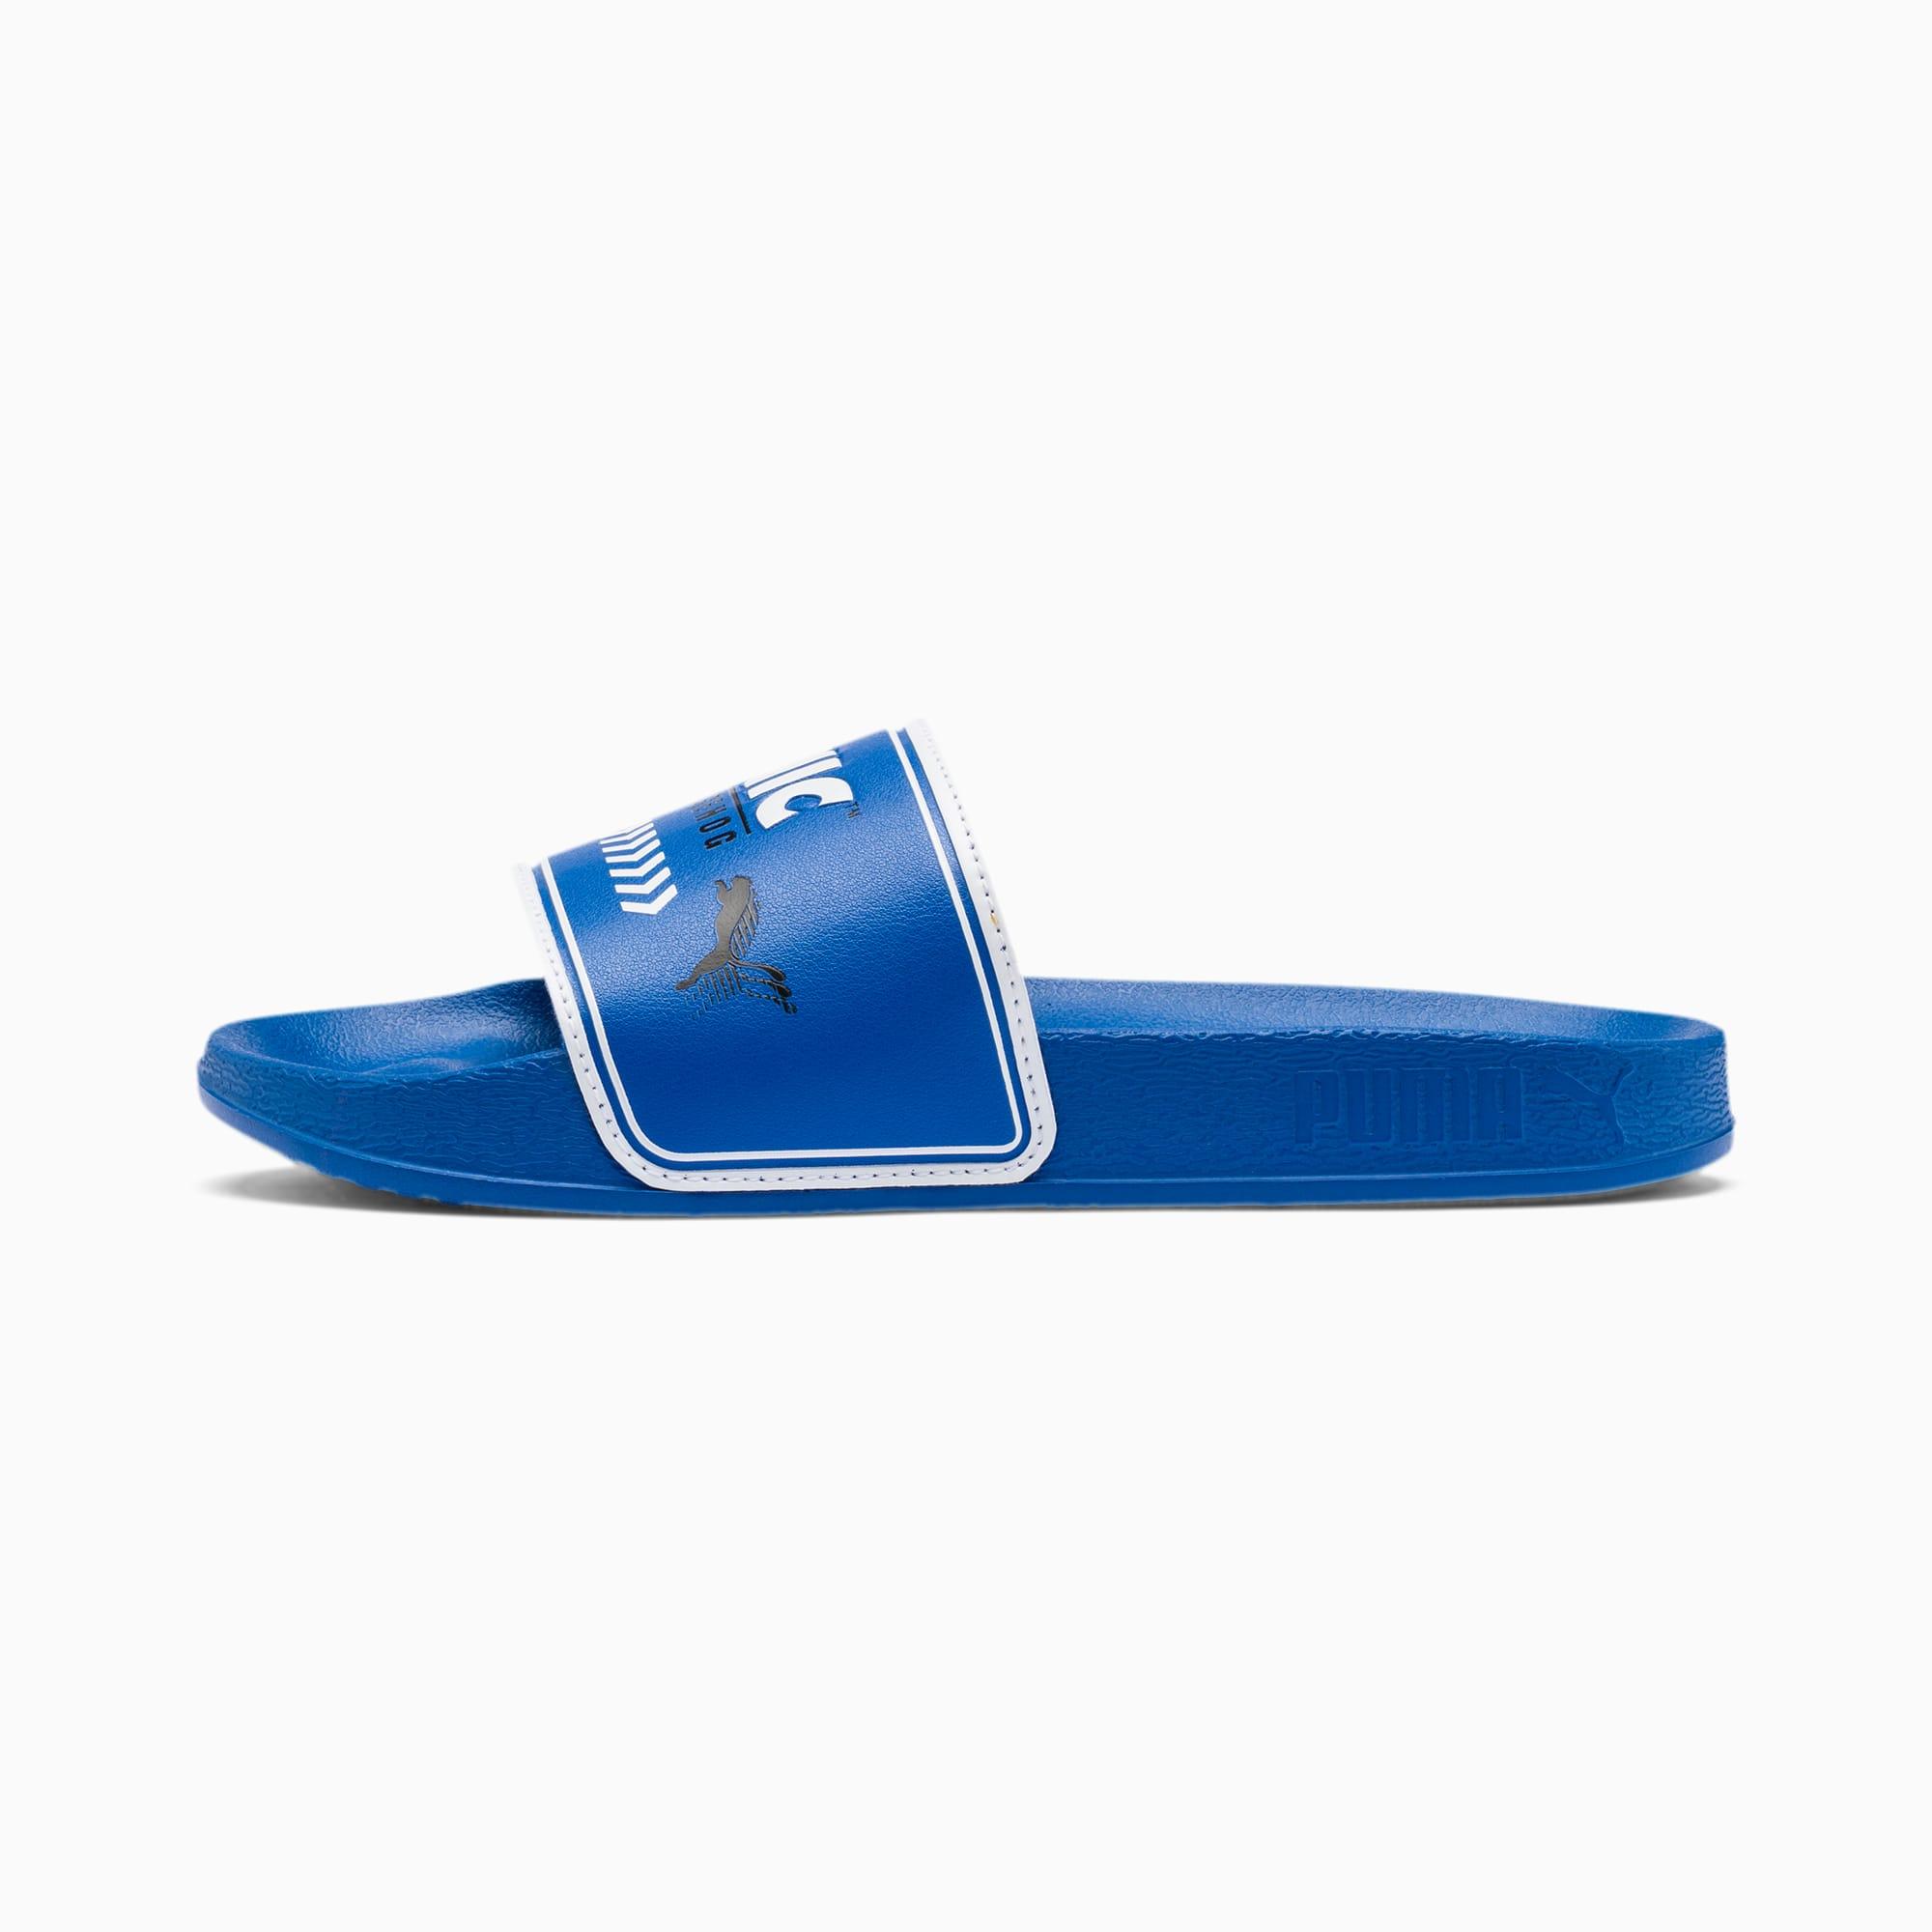 PUMA Sandale PUMA x SONIC Leadcat pour enfant, Bleu/Blanc, Taille 32, Chaussures